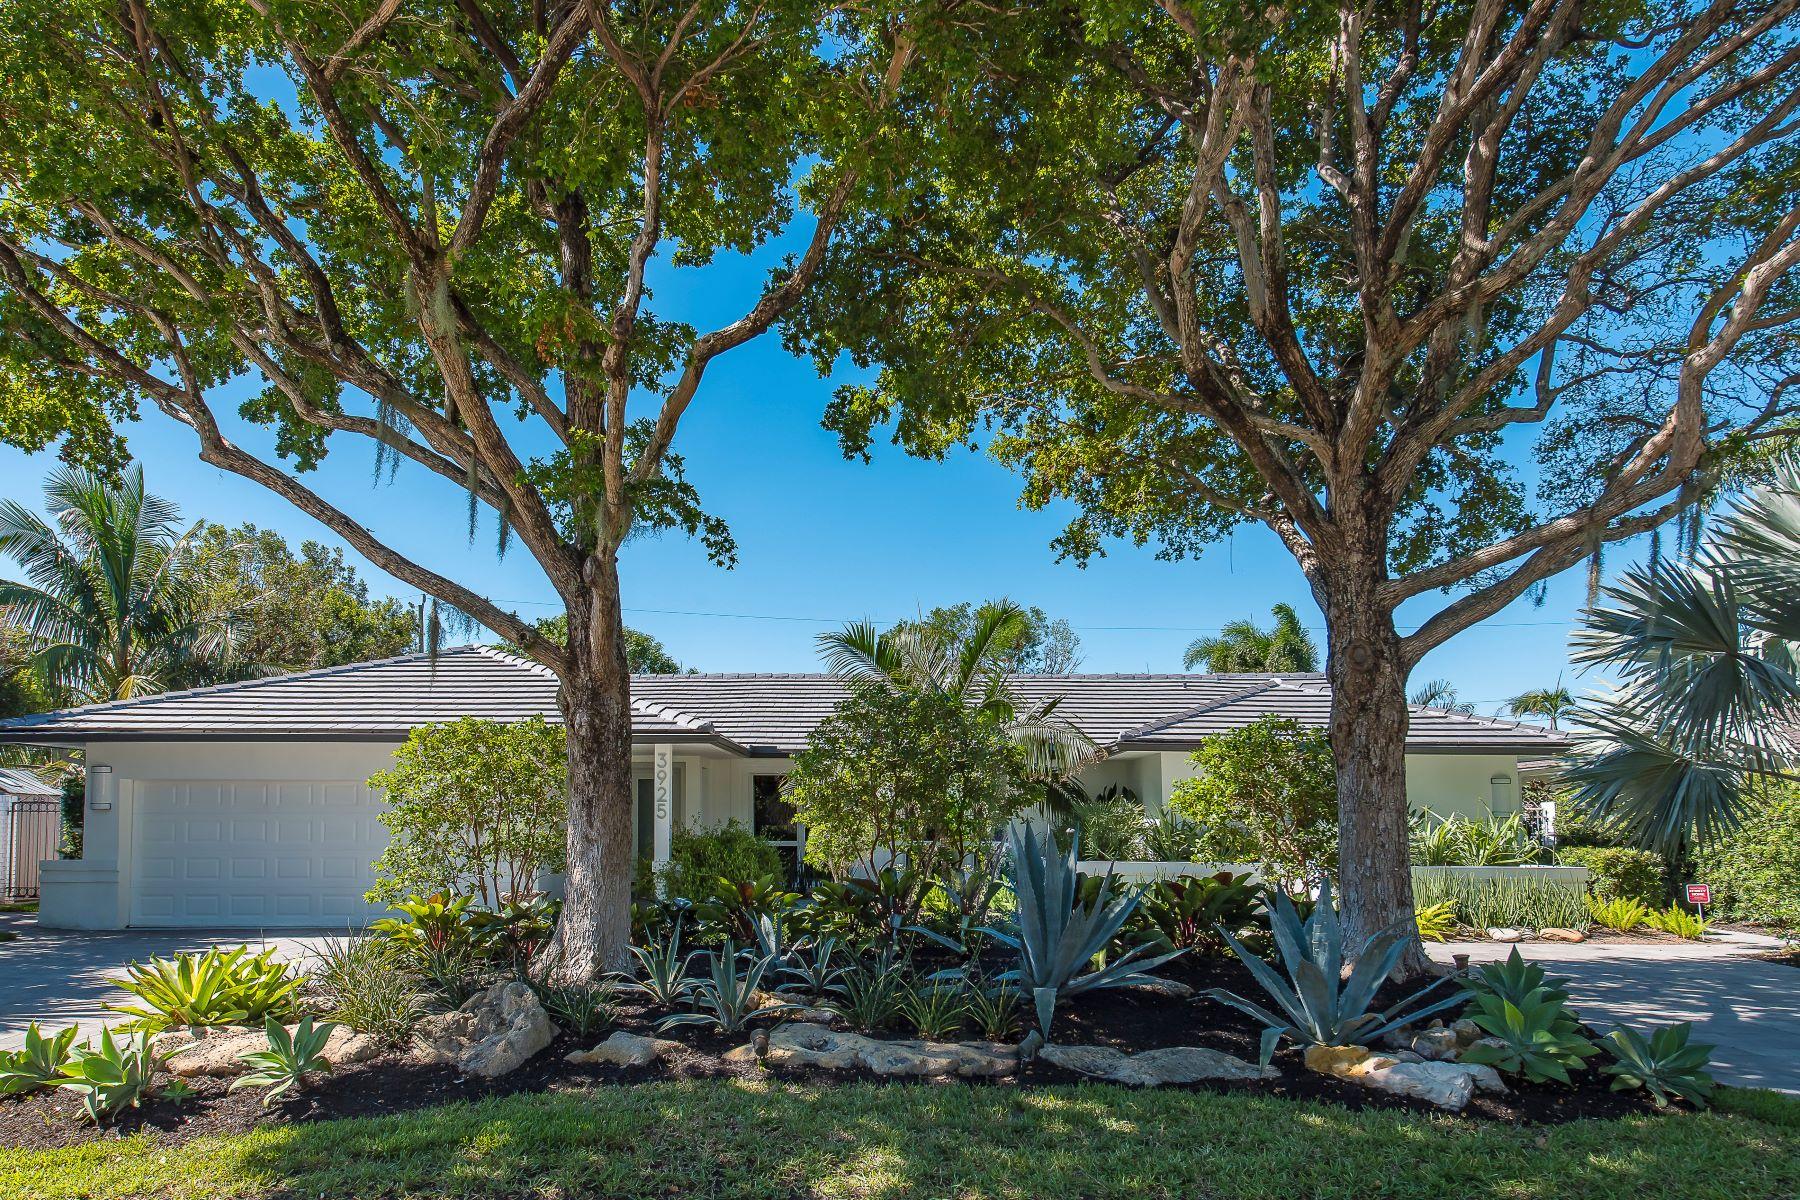 獨棟家庭住宅 為 出售 在 3925 Ne 22nd Ave Fort Lauderdale, 佛羅里達州, 33308 美國